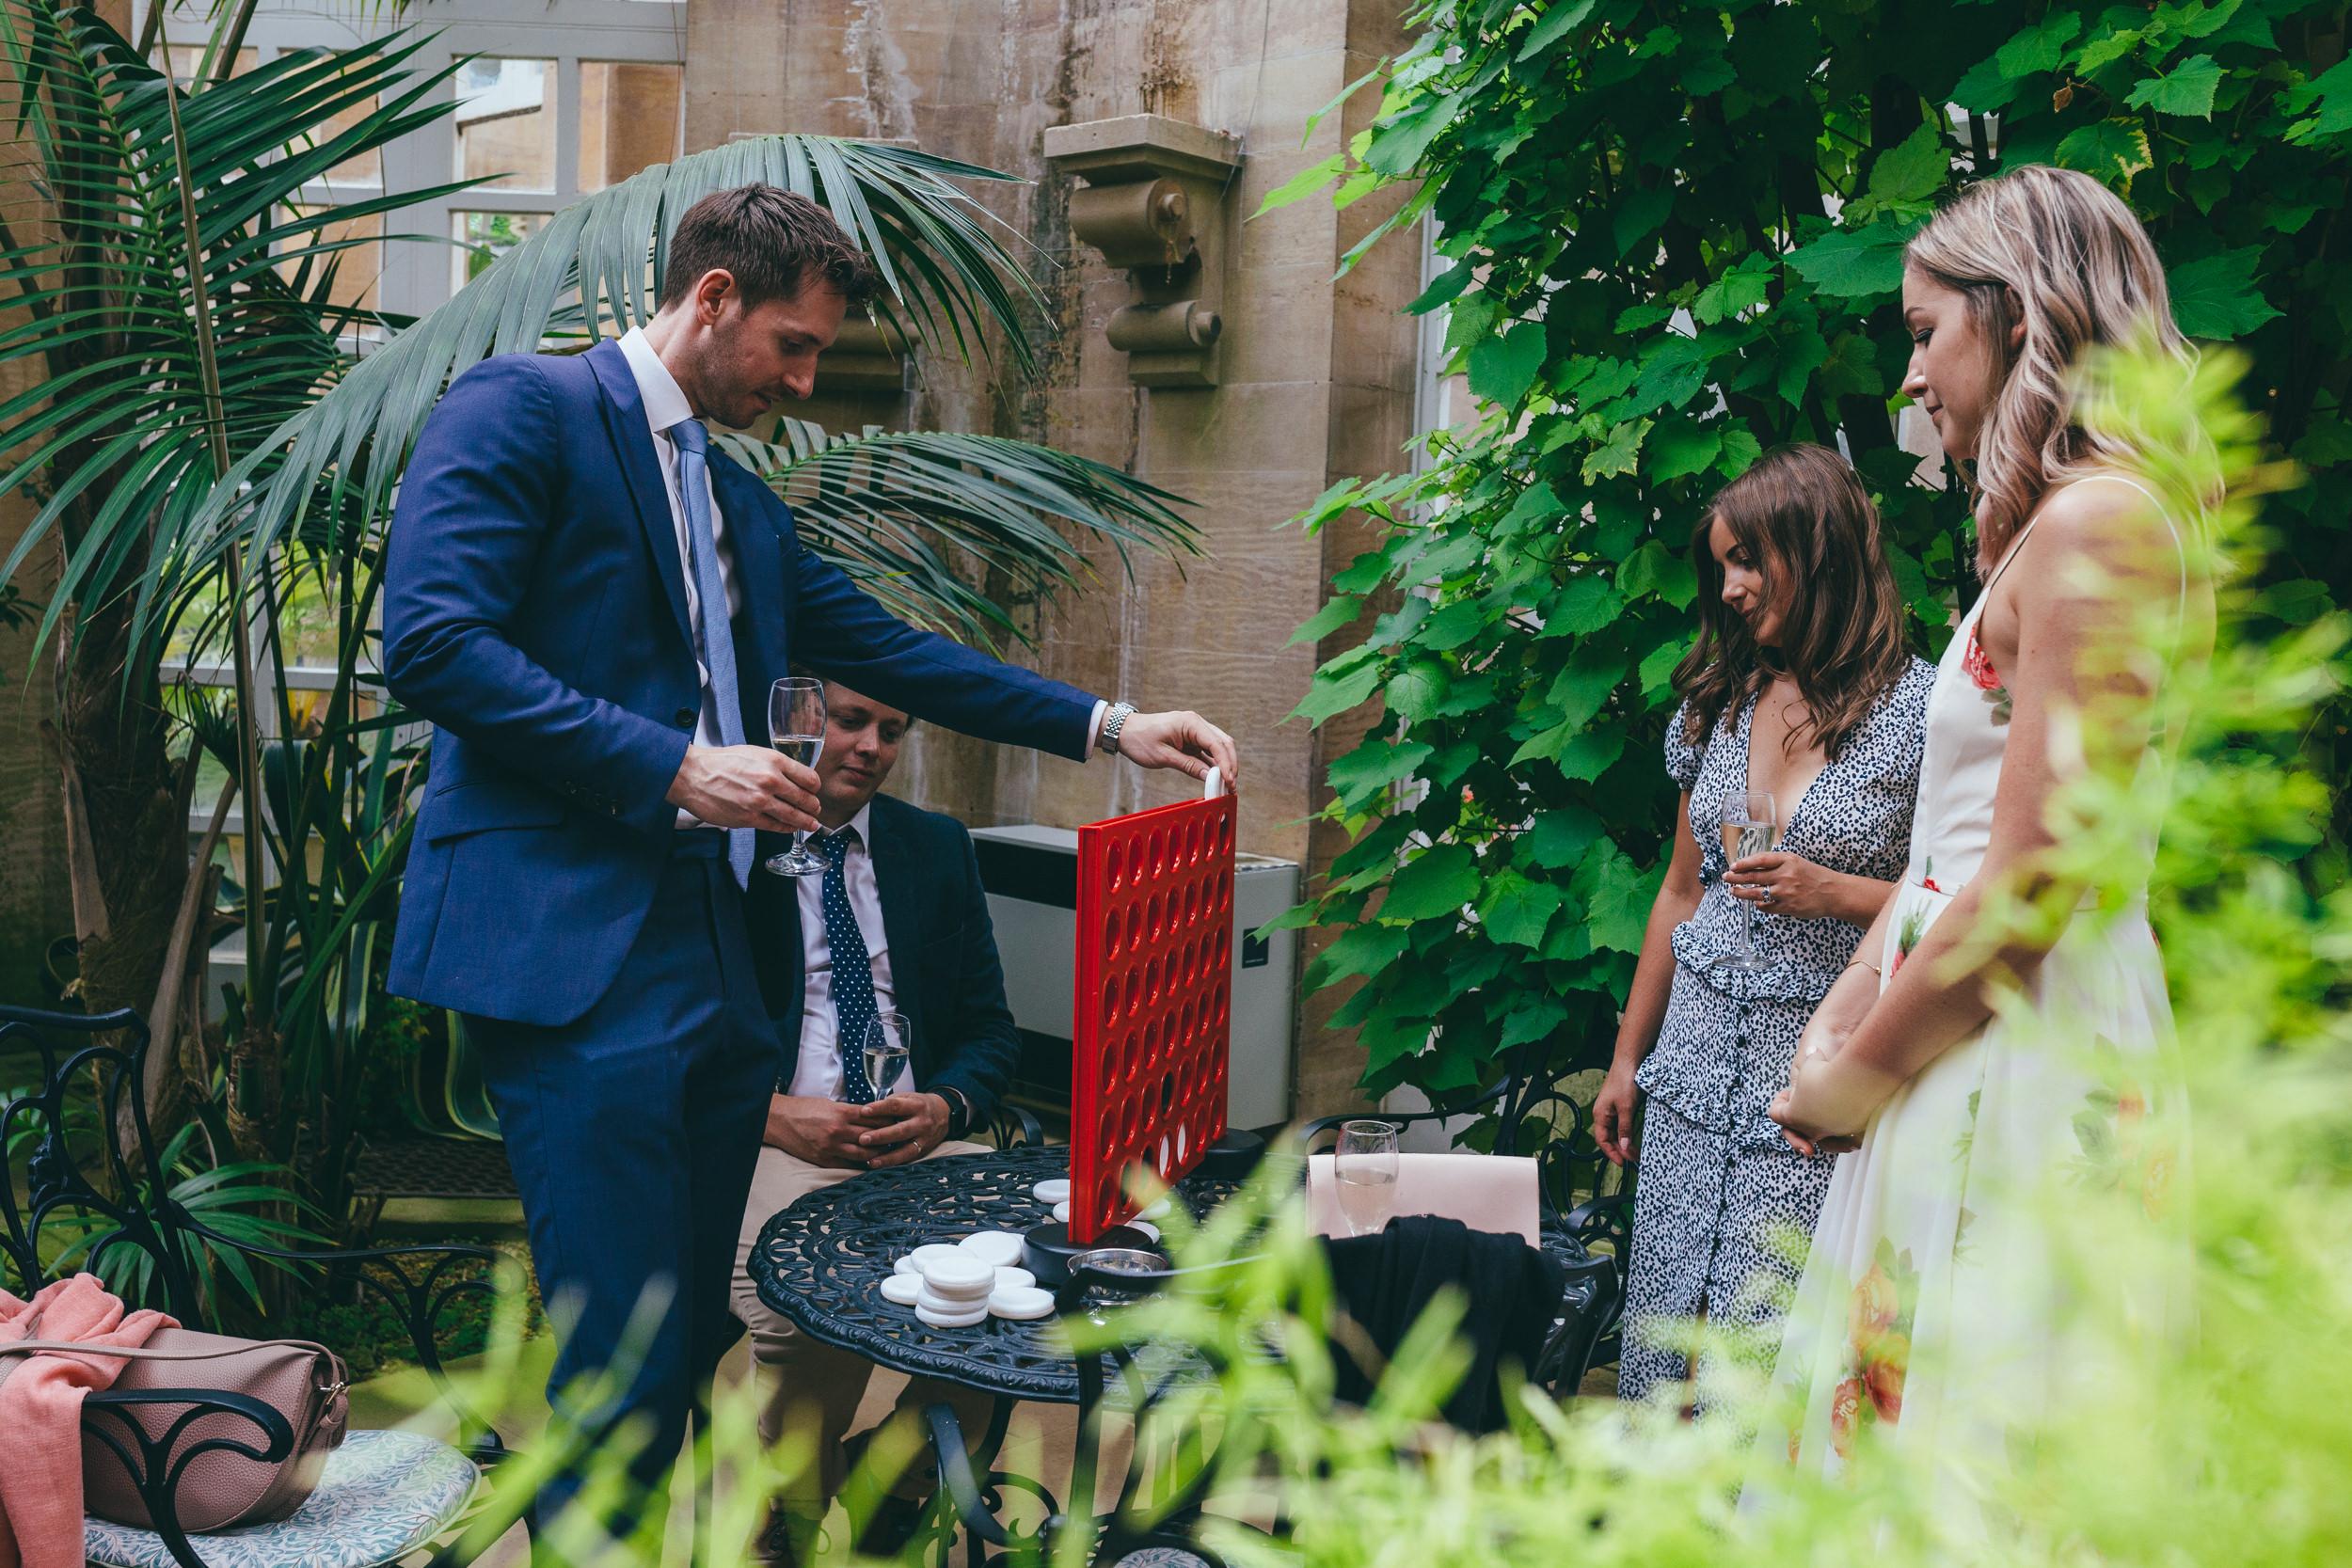 Wedding guests playing games at a wedding at Harlaxton Manor